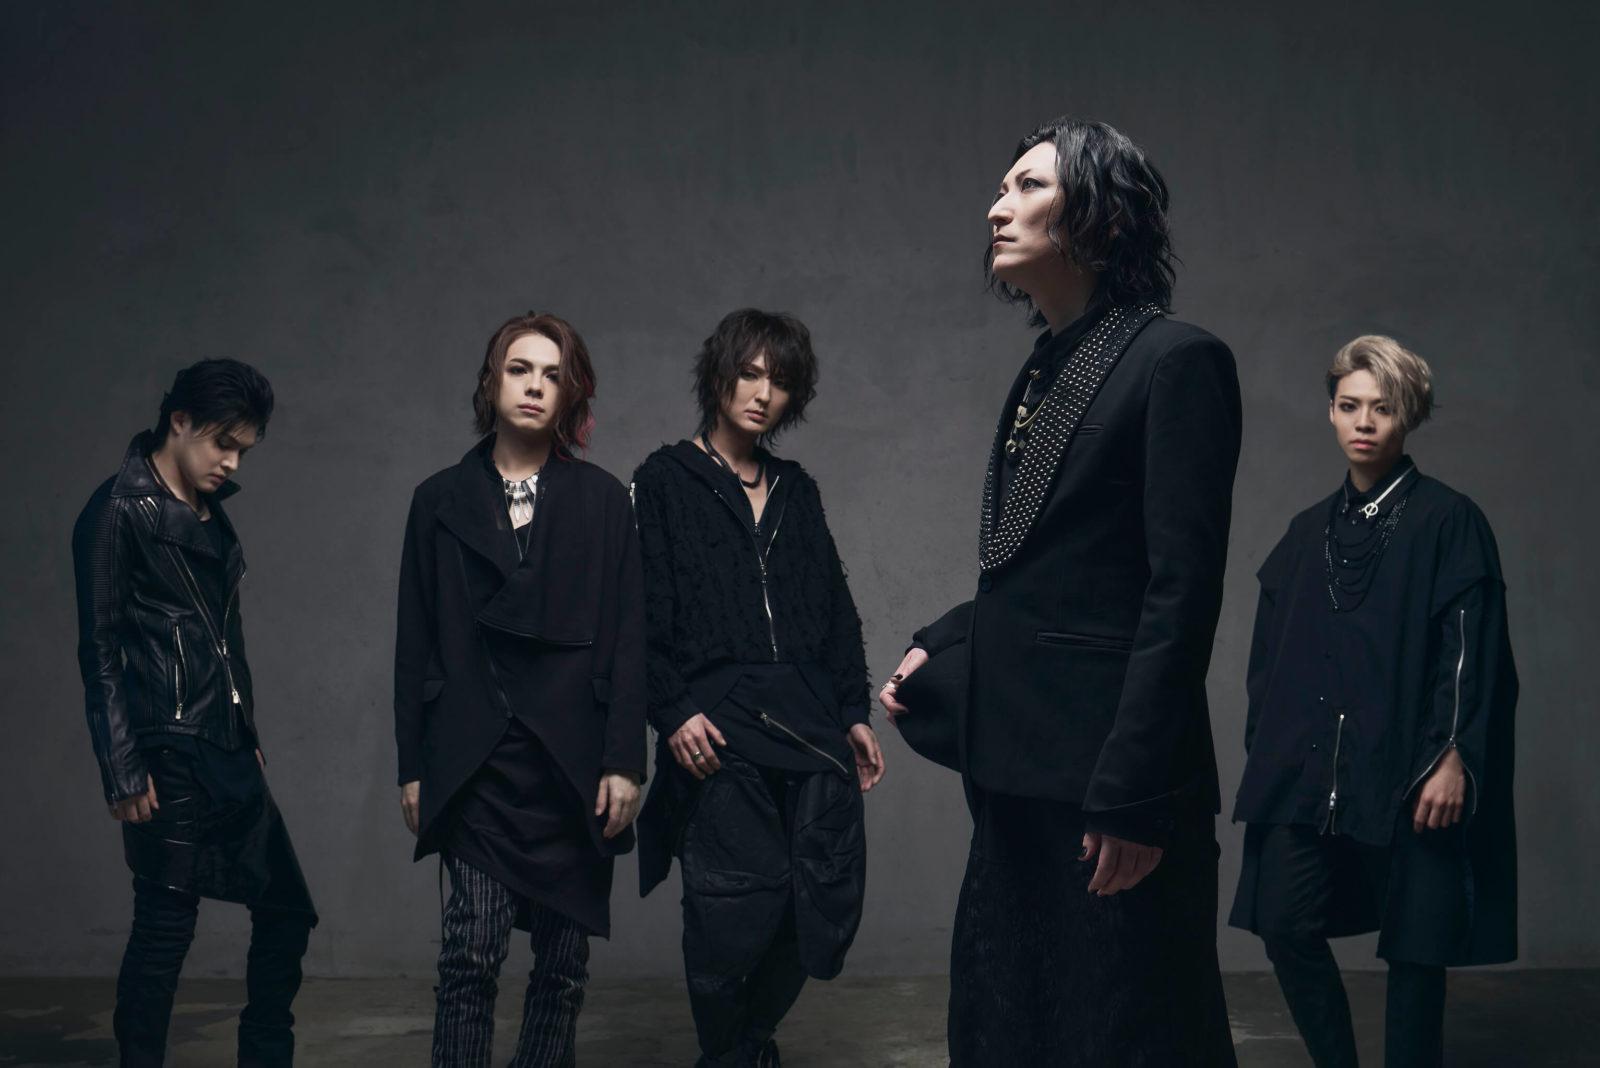 摩天楼オペラ、4月22日リリースのNEW EP『Chronos』より、リードトラック「Chronos」MV公開!同曲の先行配信も決定サムネイル画像